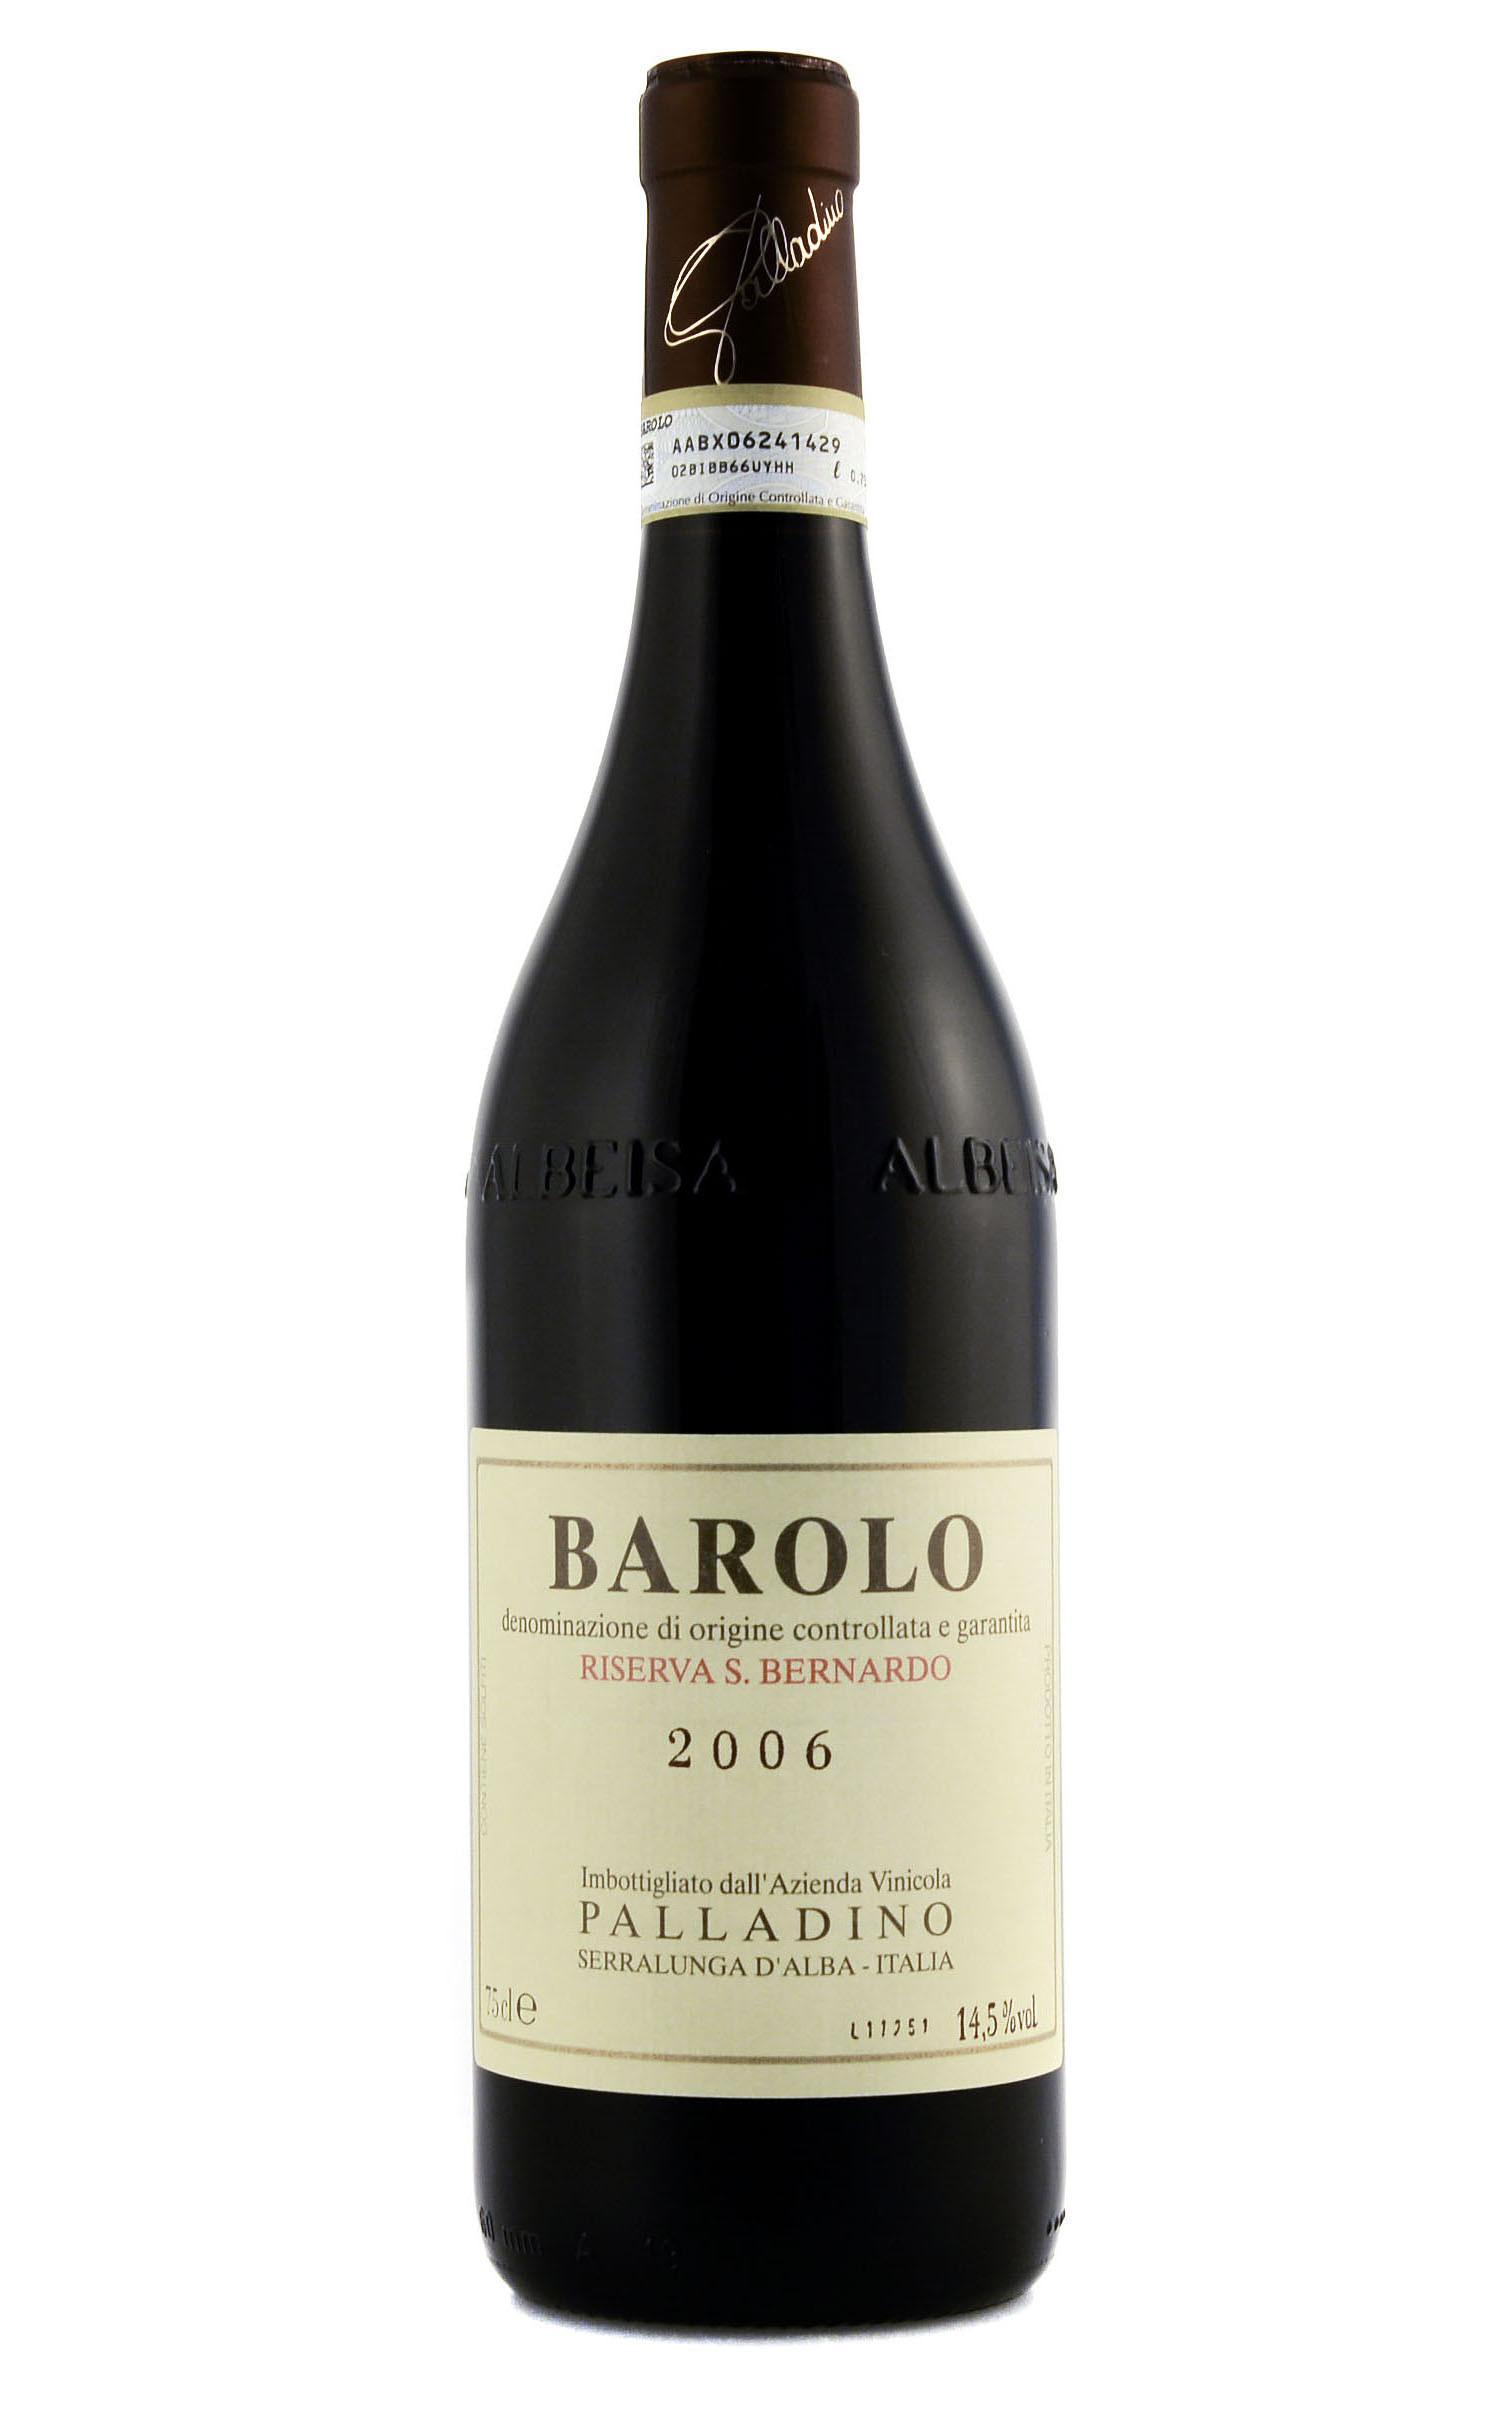 BAROLO DOCG Riserva San Bernado, Palladino